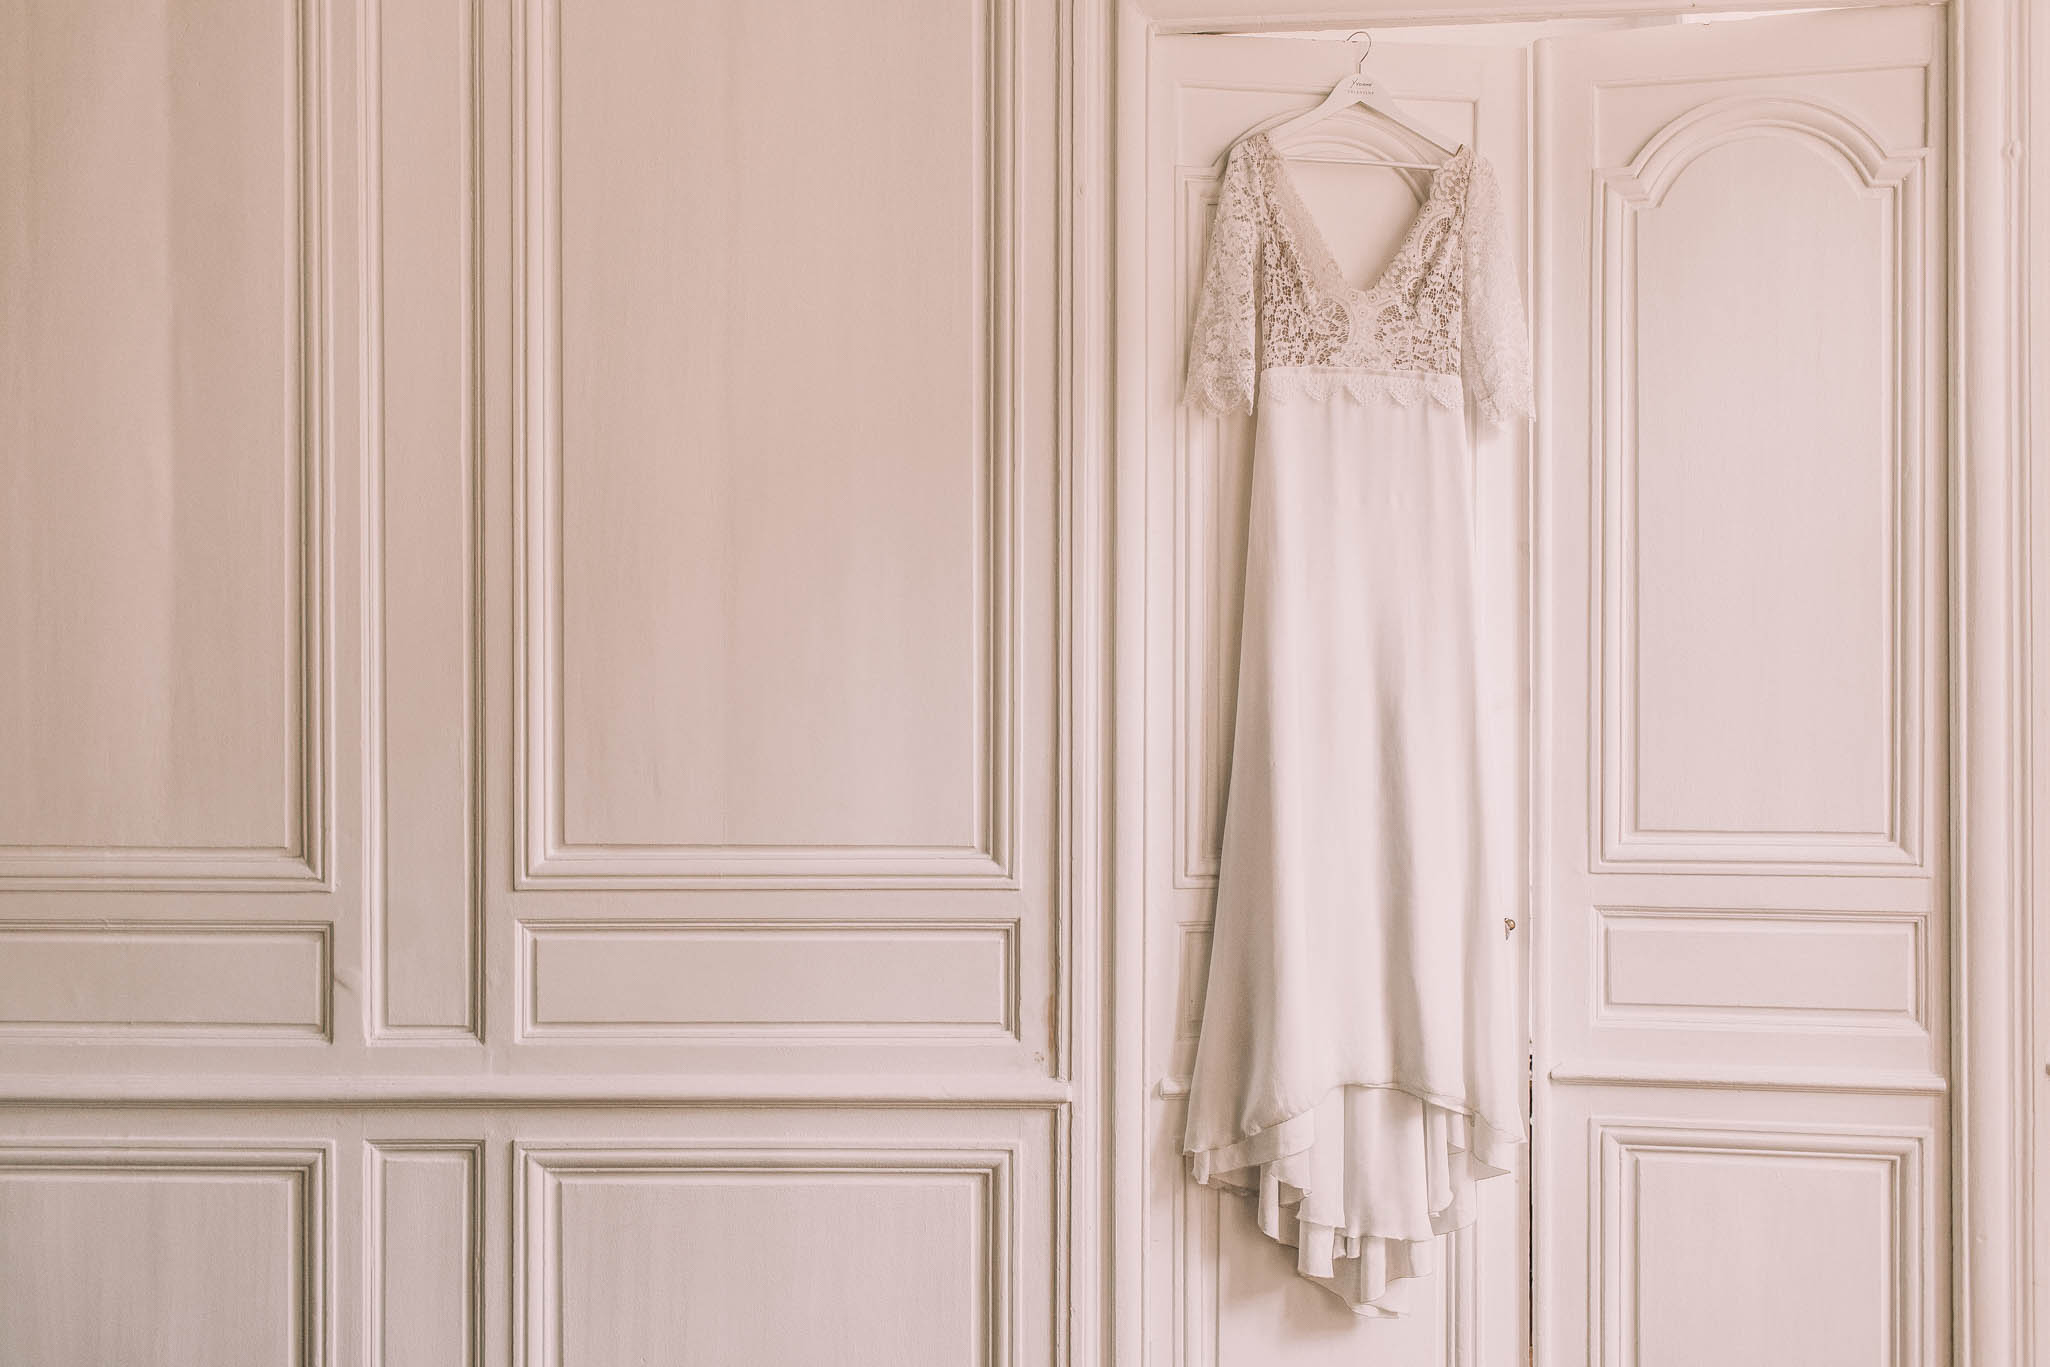 photographe-mariage-bordeaux-jeremy-boyer-white-minimal-23.jpg